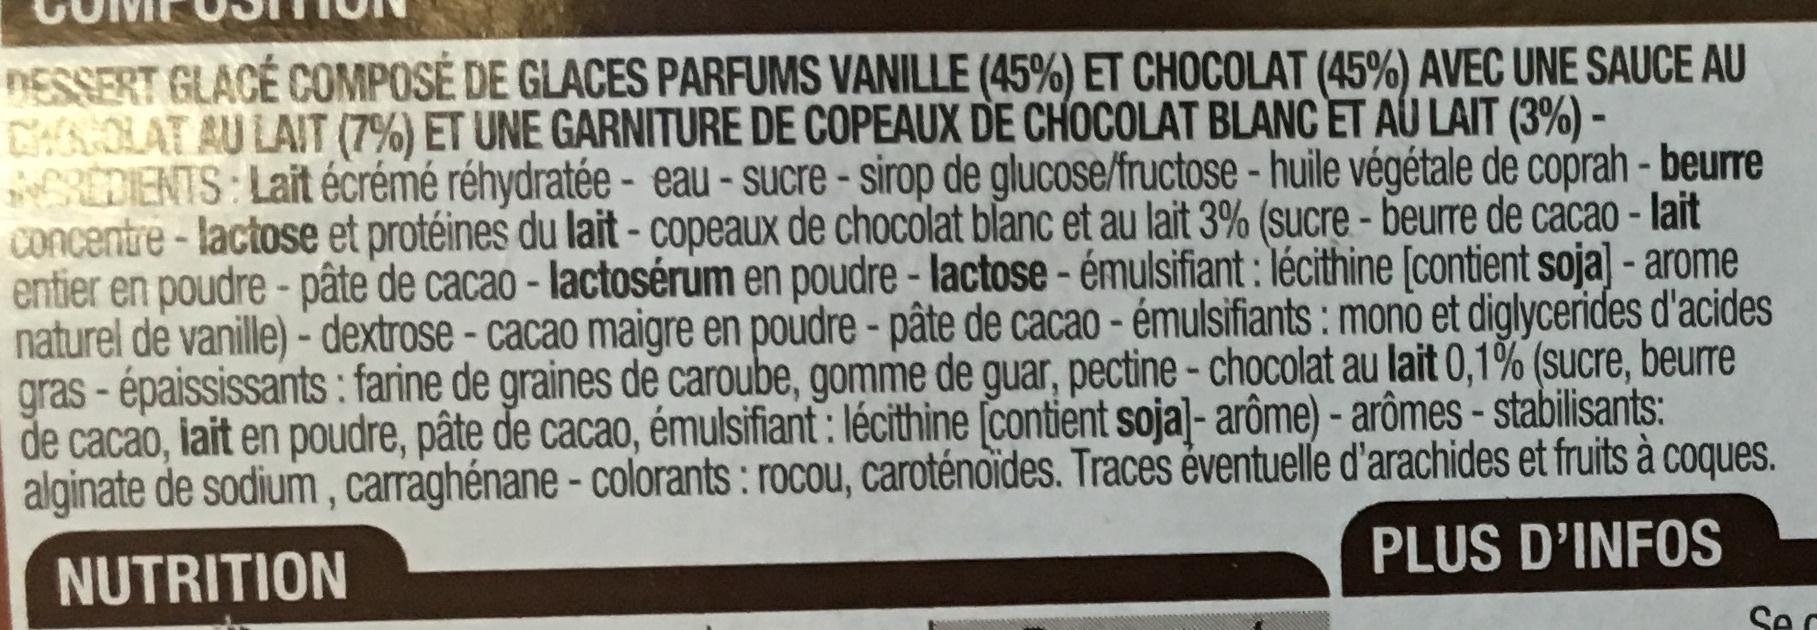 Dessert glacé parfum Chocolat - Ingrédients - fr